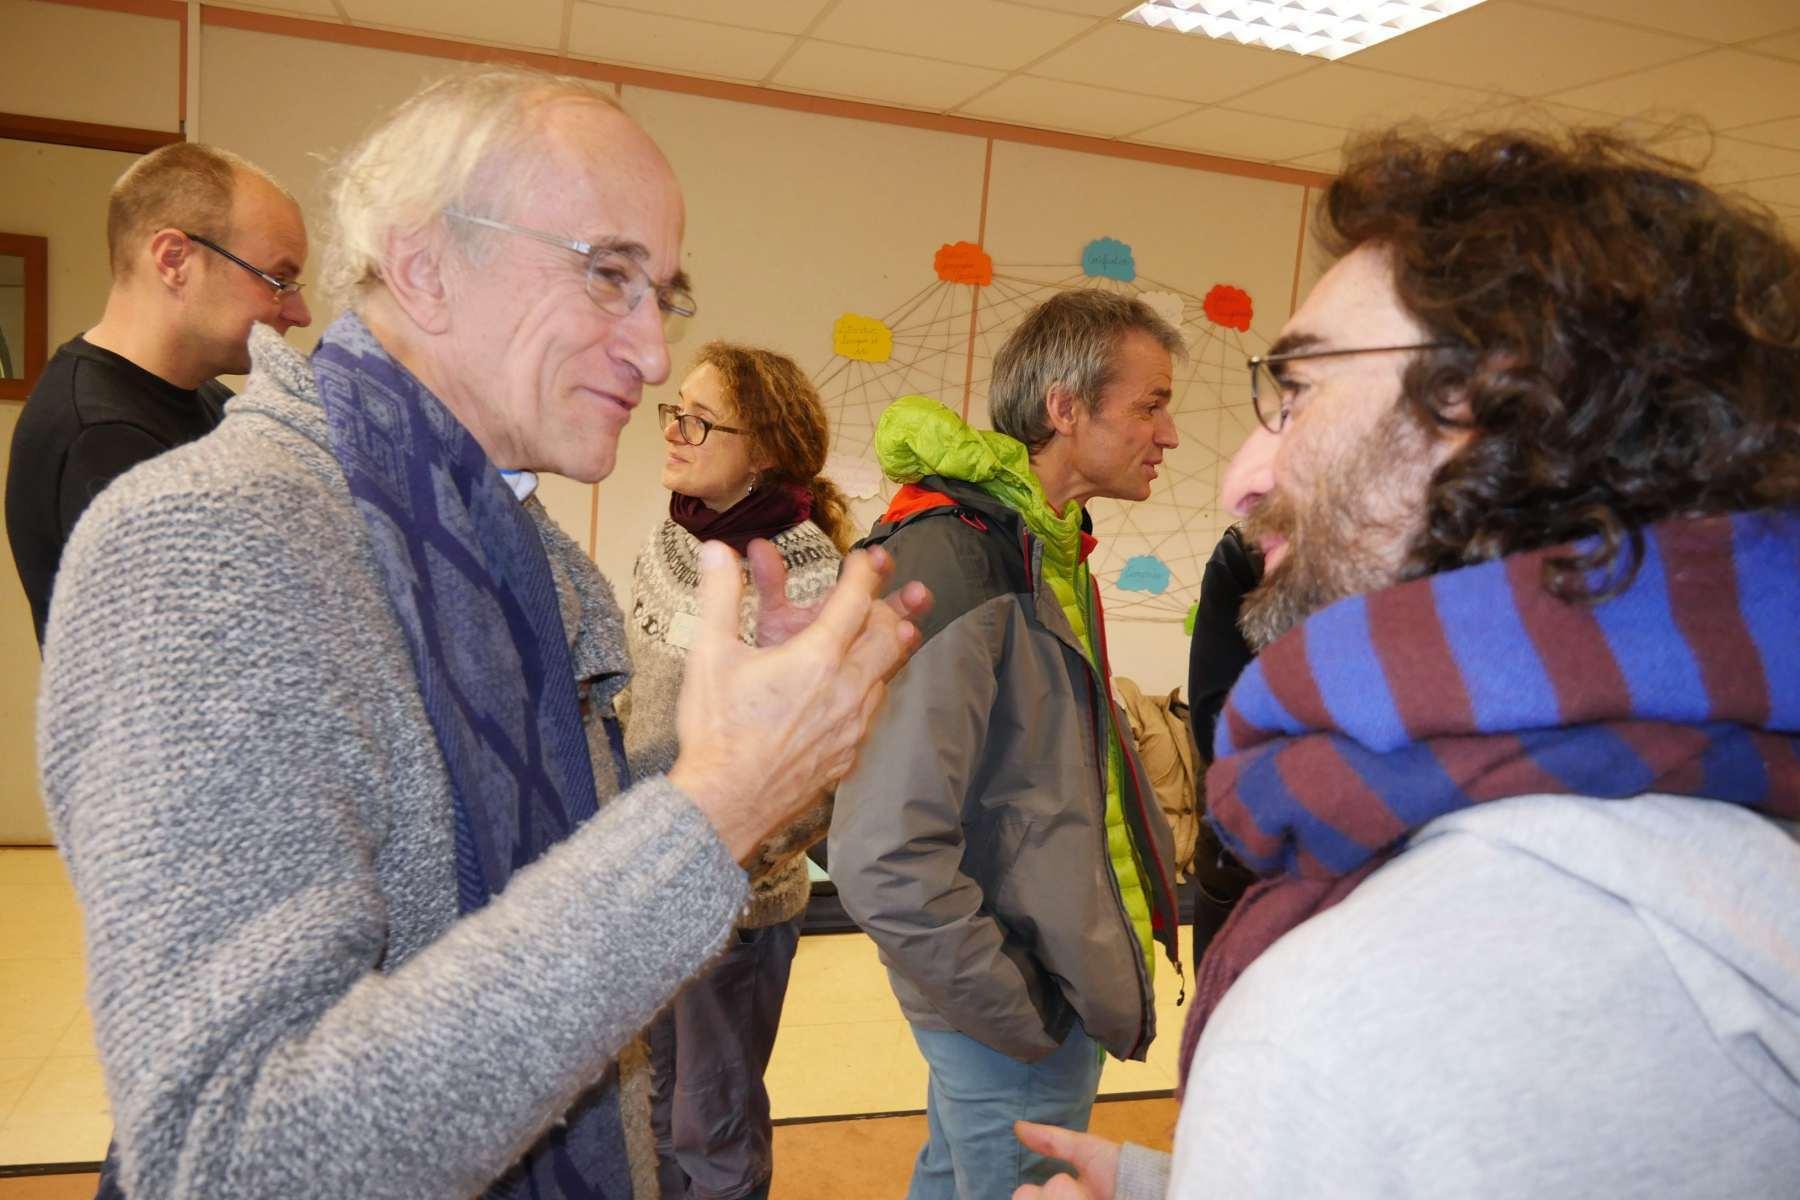 Christian Koenig, ancien directeur de l'ESSEC, est le 4e et dernier copilote du dispositif. Il discute avec  Jean-Baptiste Gaboriau, chargé de mission Mobilité au Campus de la Transition.